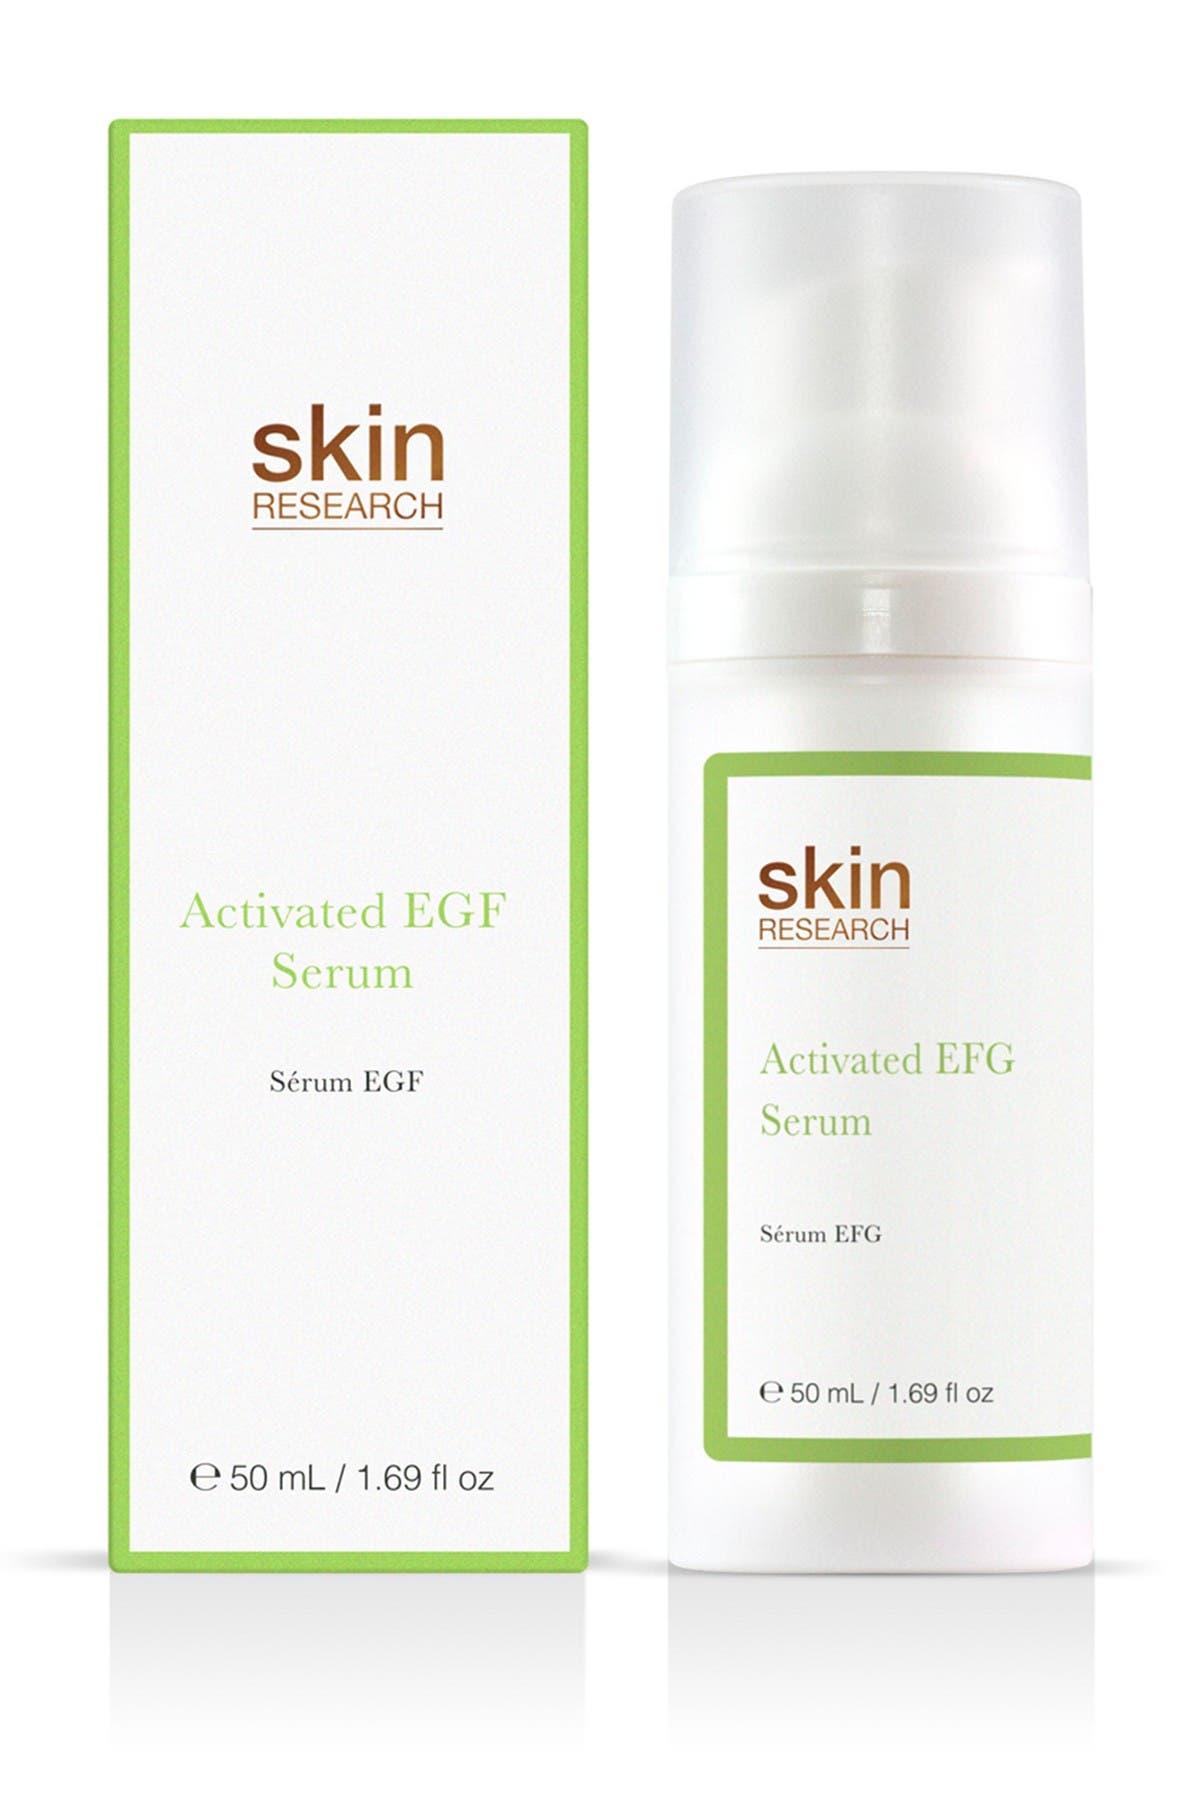 Image of skinChemists EGF Serum